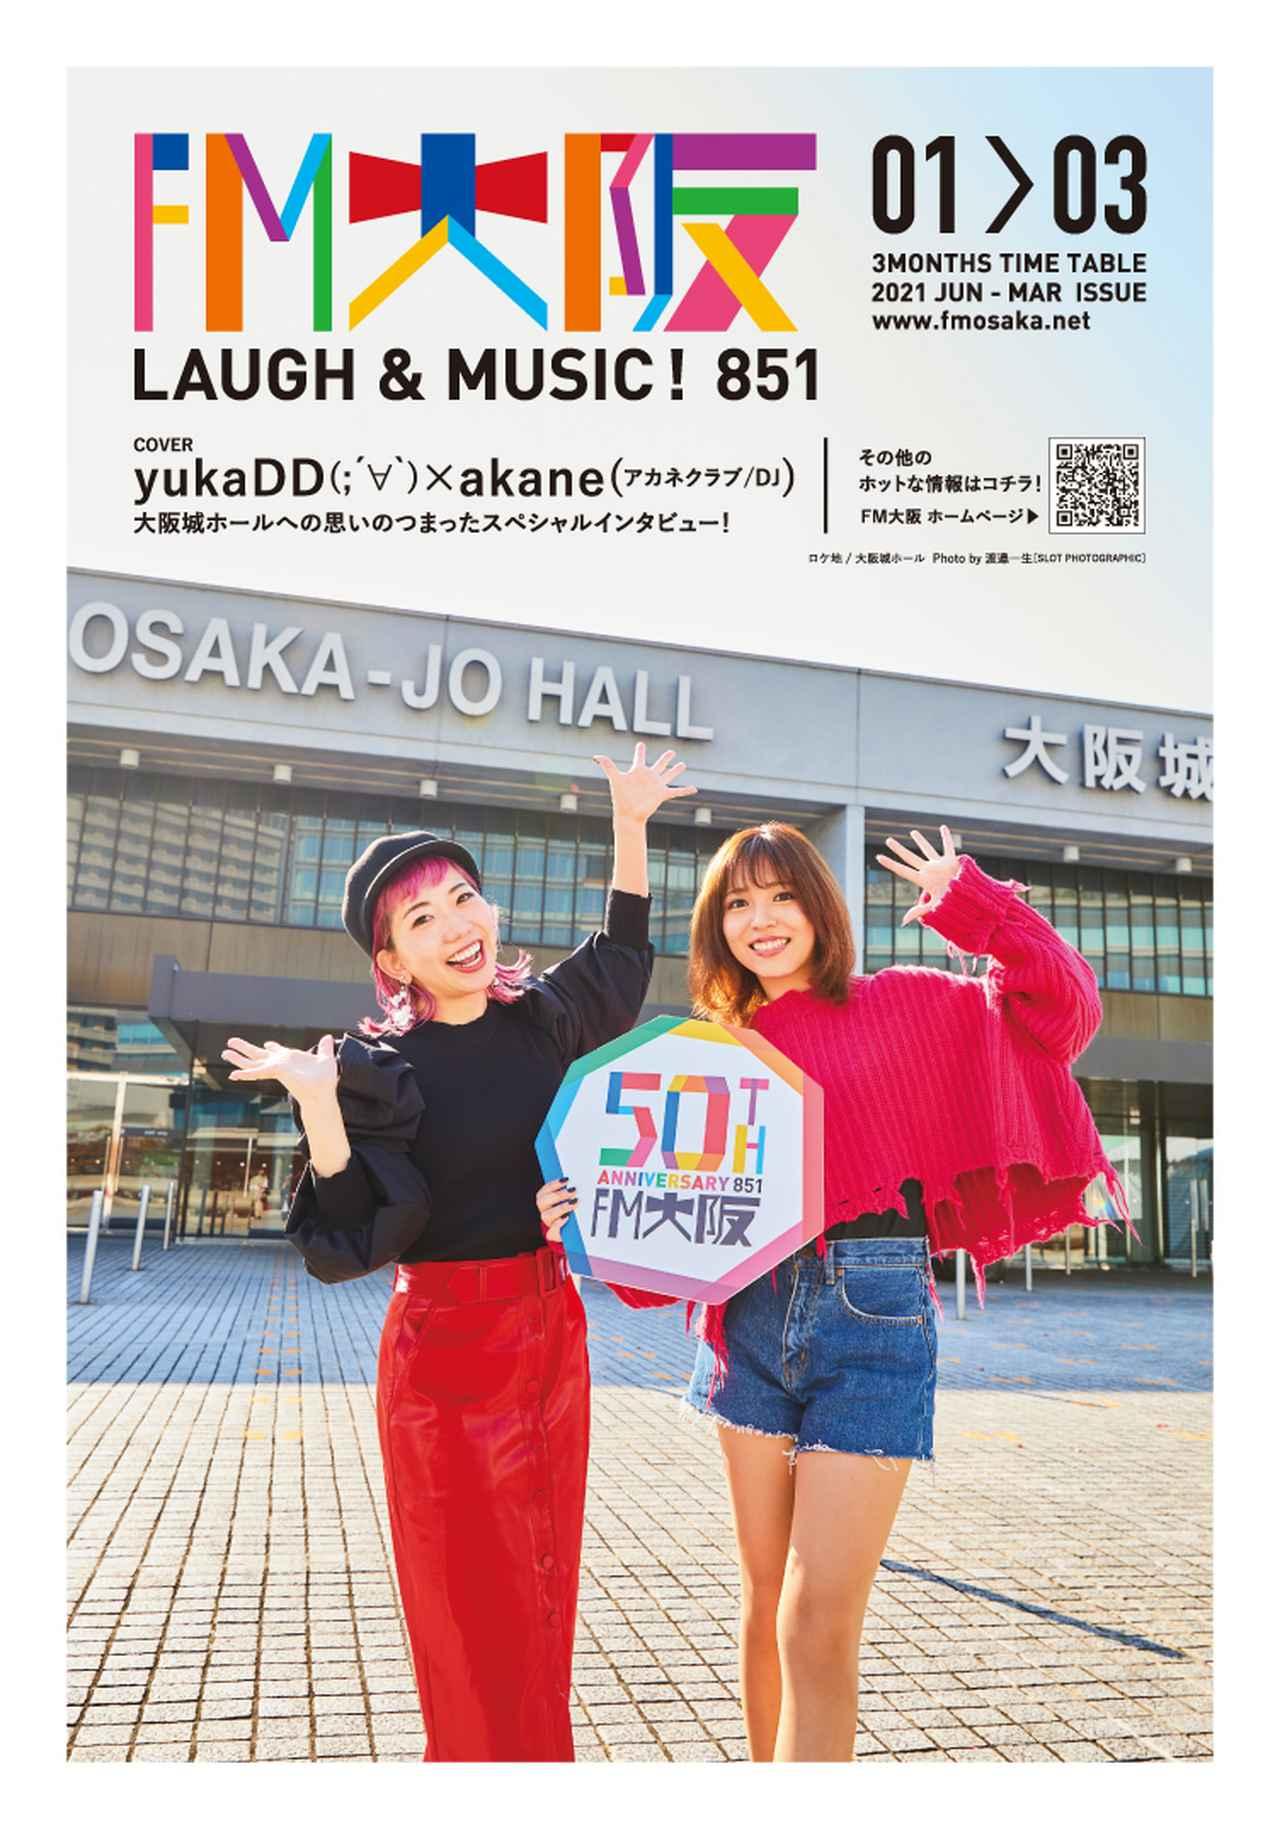 画像: FM大阪タイムテーブル1~3月号の表紙は、yukaDD(;´∀`)×akane(FM大阪 アカネクラブ DJ)!!中面にはスペシャルインタビューも!